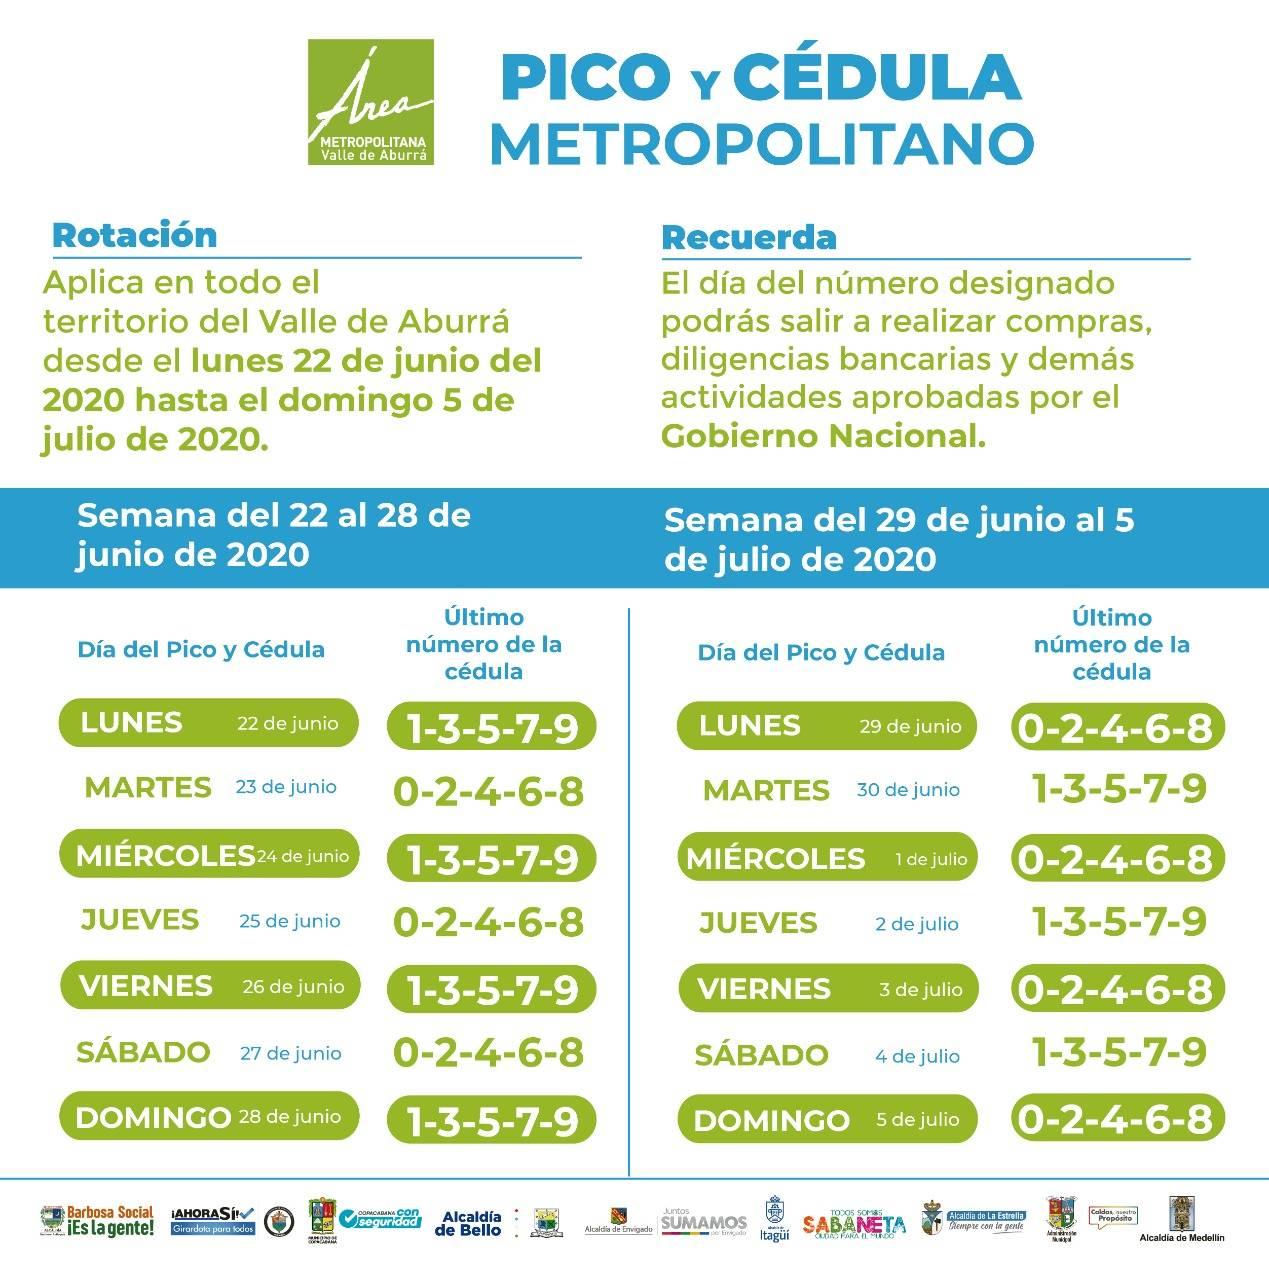 PICO Y CEDULA - HASTA 5 DE JULIO